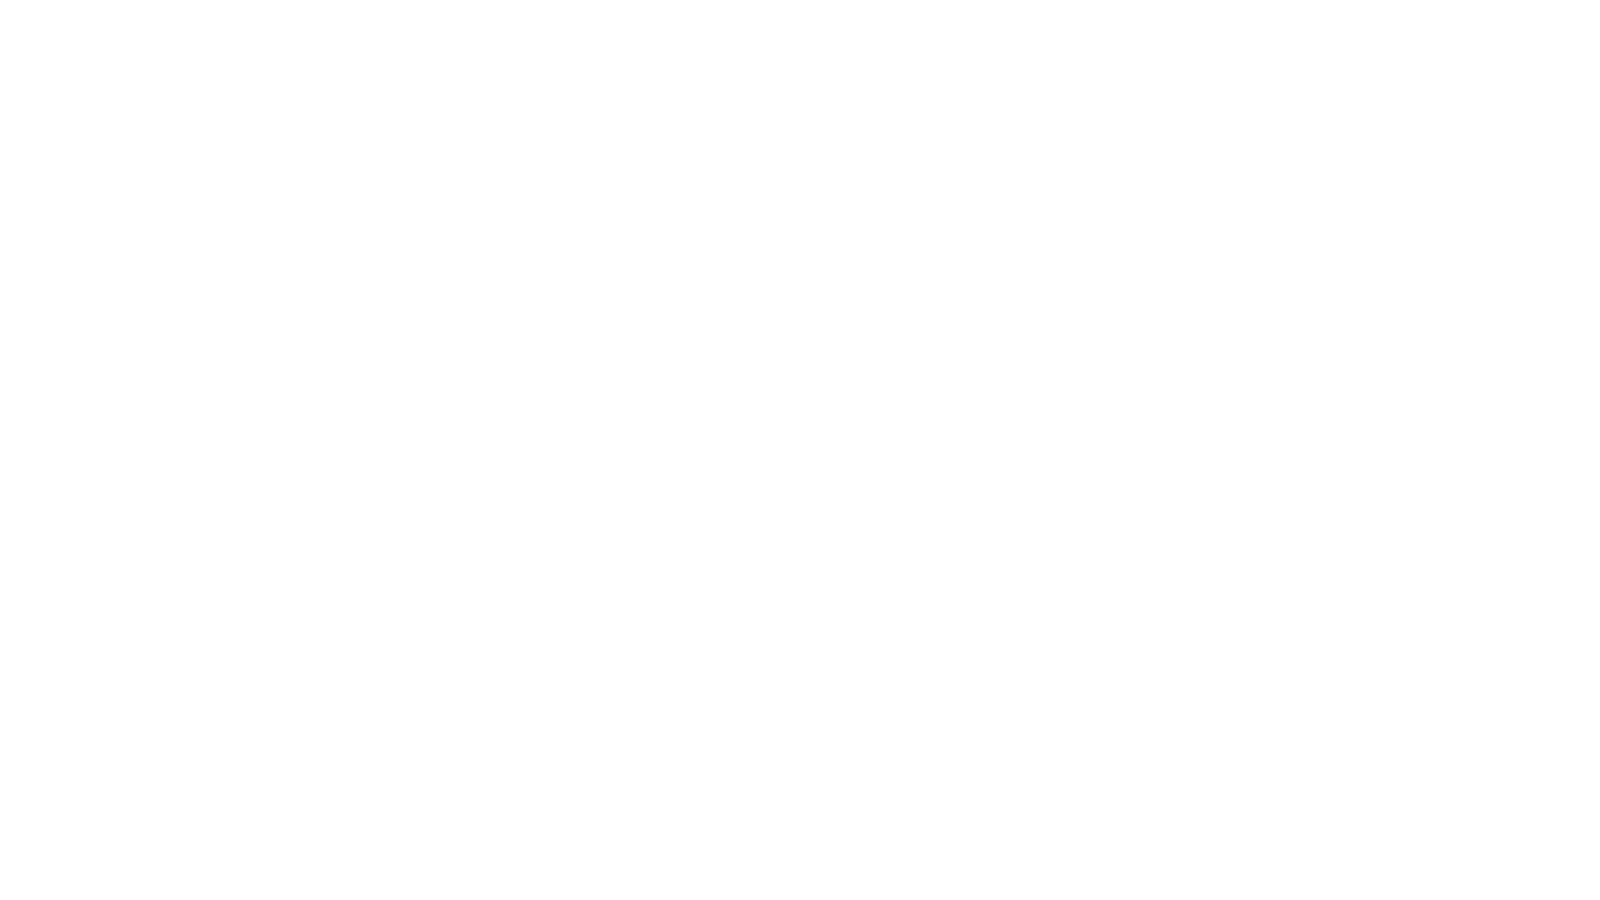 """Dancing With Somebody - #klonone - ᴏʀɪɢɪɴᴀʟ ᴍɪx  🆃🅷🅴 🆃🆁🅸🅿 🅿🆁🅾🅹🅴🅲🆃 - #4  ▪️""""The Trip"""" un profundo viaje lleno de house, deephouse , technohouse y edm en general. . ▪️En exclusiva en mi canal de Youtube 😉 (Por ahora, no tardará en estar disponible para en streaming y en descarga .wav especial para djs). . ▪️Instagram: https://www.instagram.com/klon_one_official/ ▪️Facebook: https://www.facebook.com/klonone ▪️Soundcloud: https://www.soundcloud.com/klon_one ▪️Web oficial: https://www.klon.one ▪️Mi sello discográfico independiente: https://www.izorecords.com"""